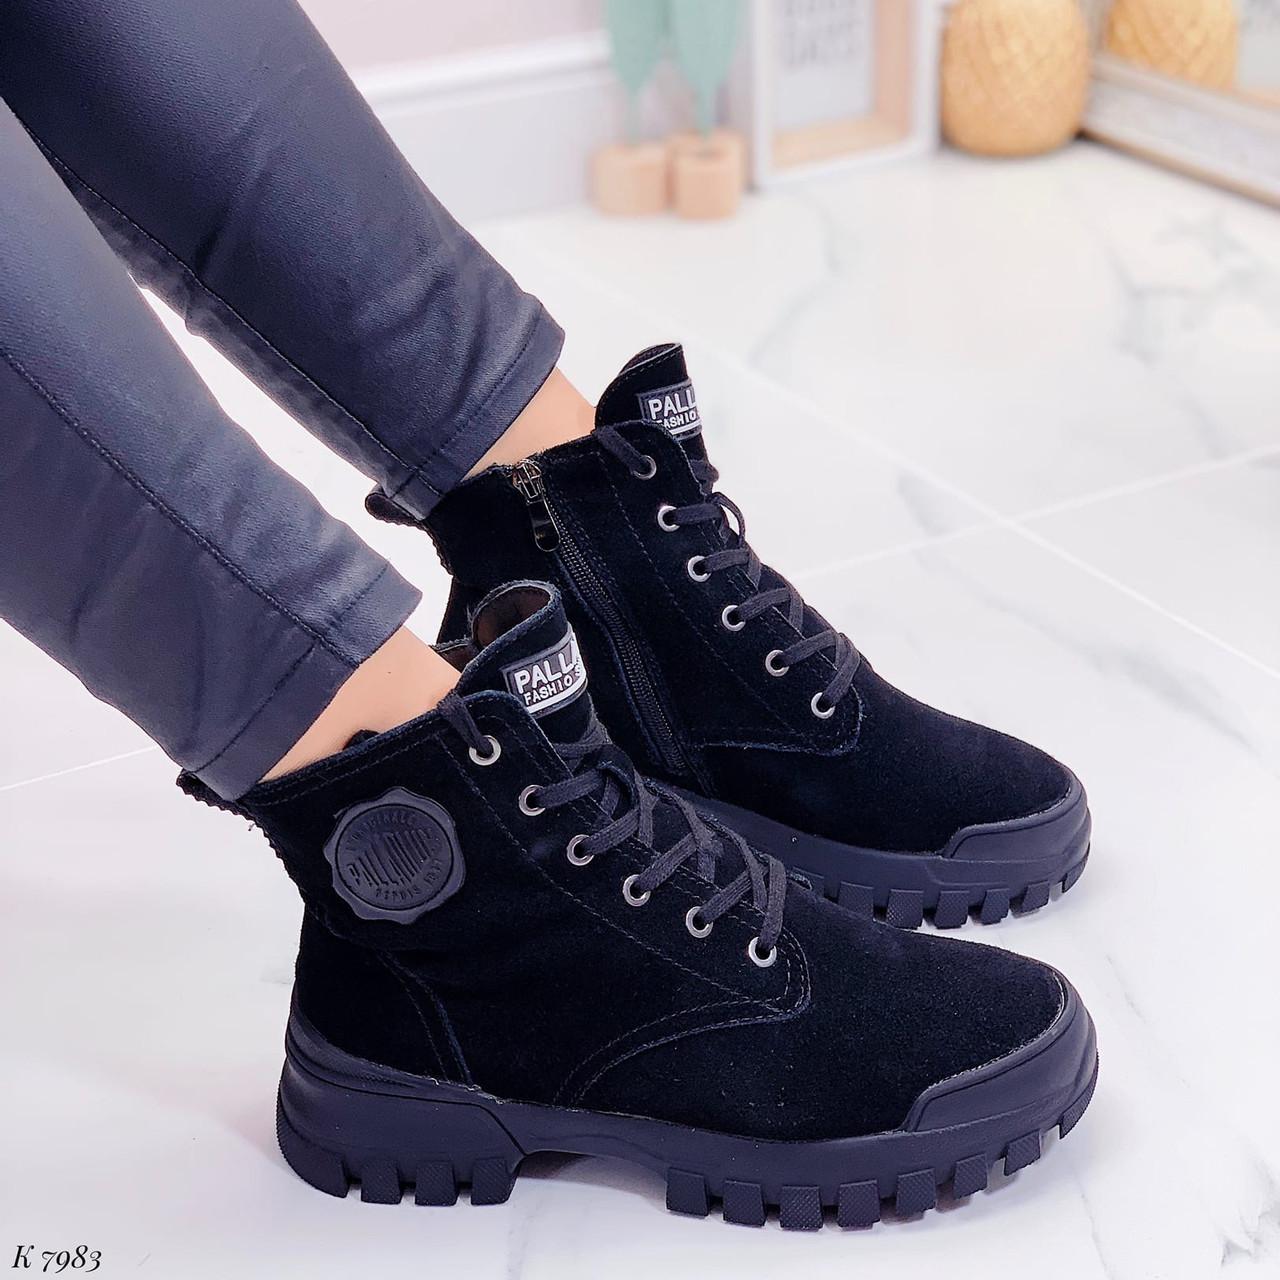 Только 38 р 24 см! Женские ботинки ЗИМА черные натуральная замша